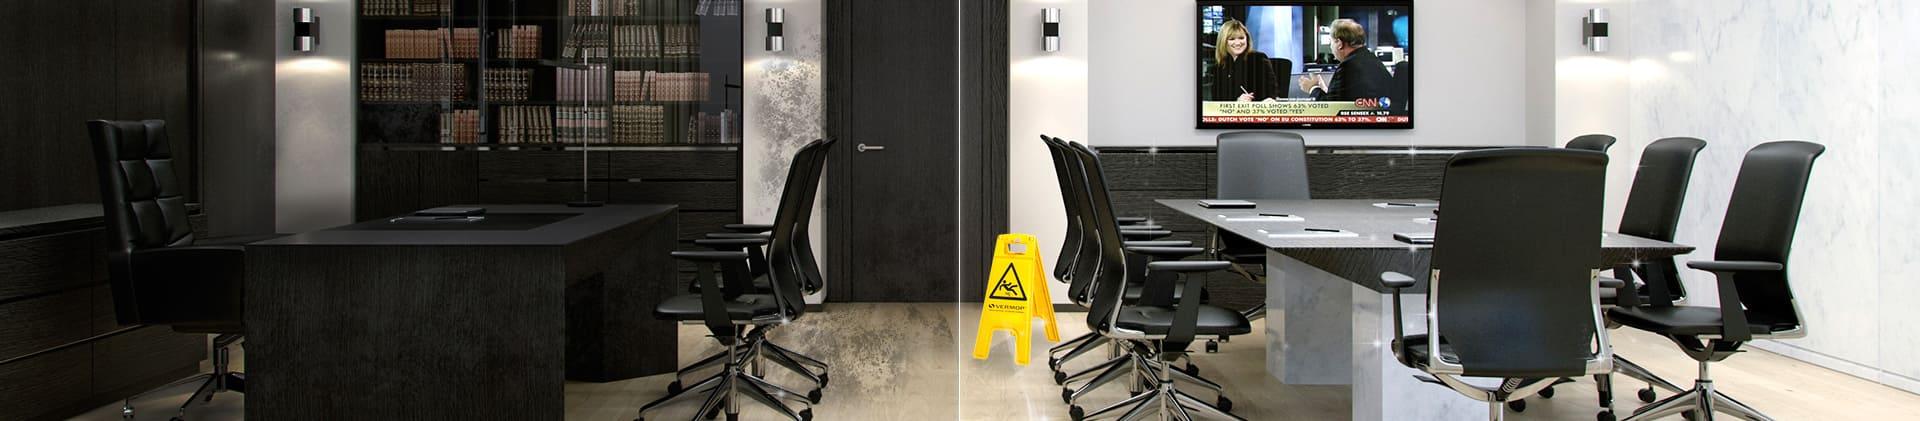 Gebäudereinigung, Büroreinigung ,Reinigungsfirma, Office Reinigen